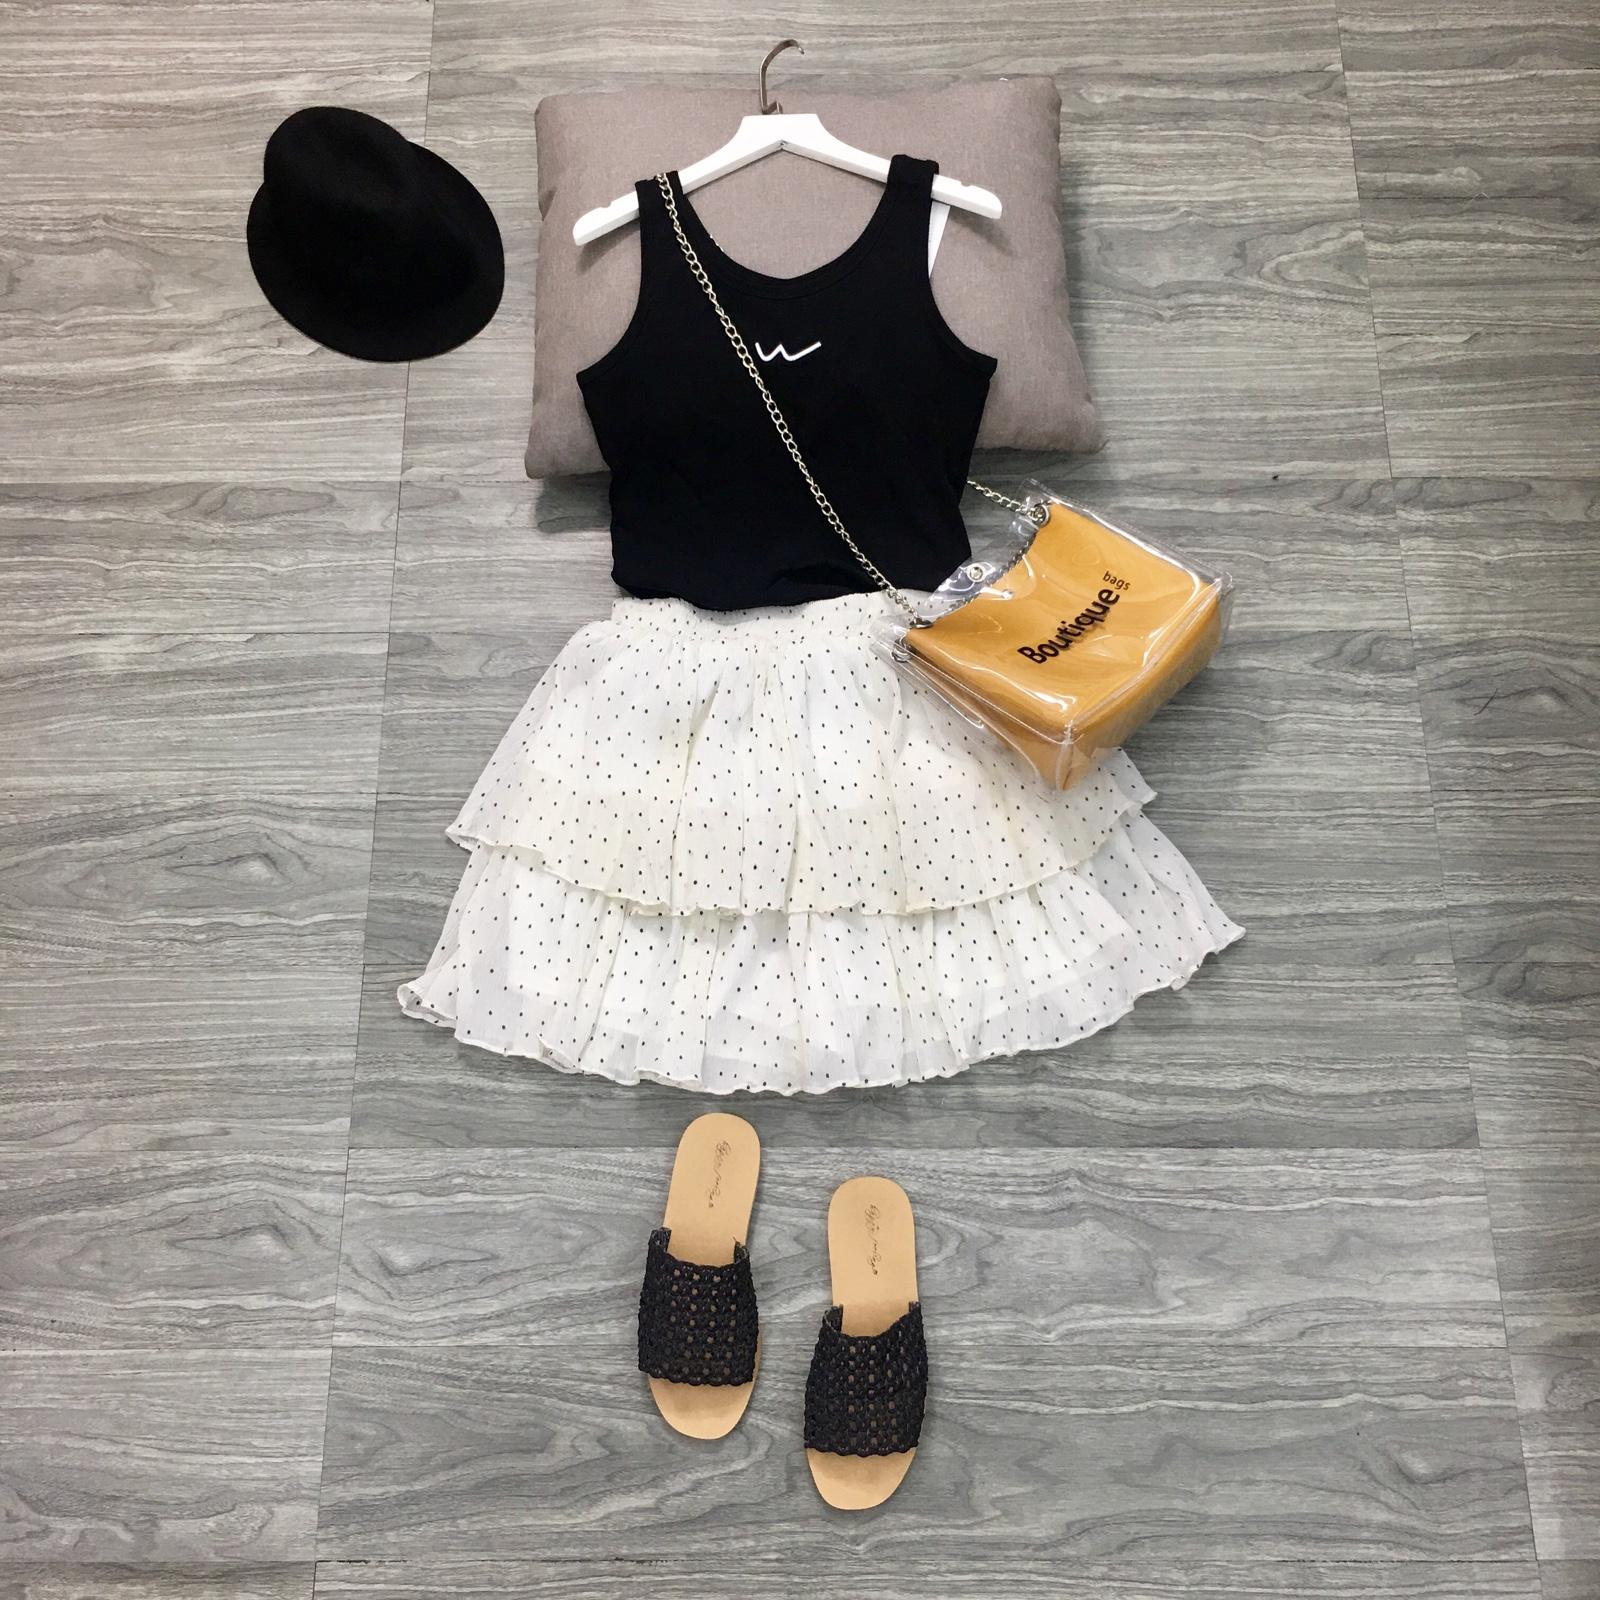 maymkon韩版甜美雪纺波点点短裙子蓬蓬裙松紧腰蛋糕裙半身裙裤夏